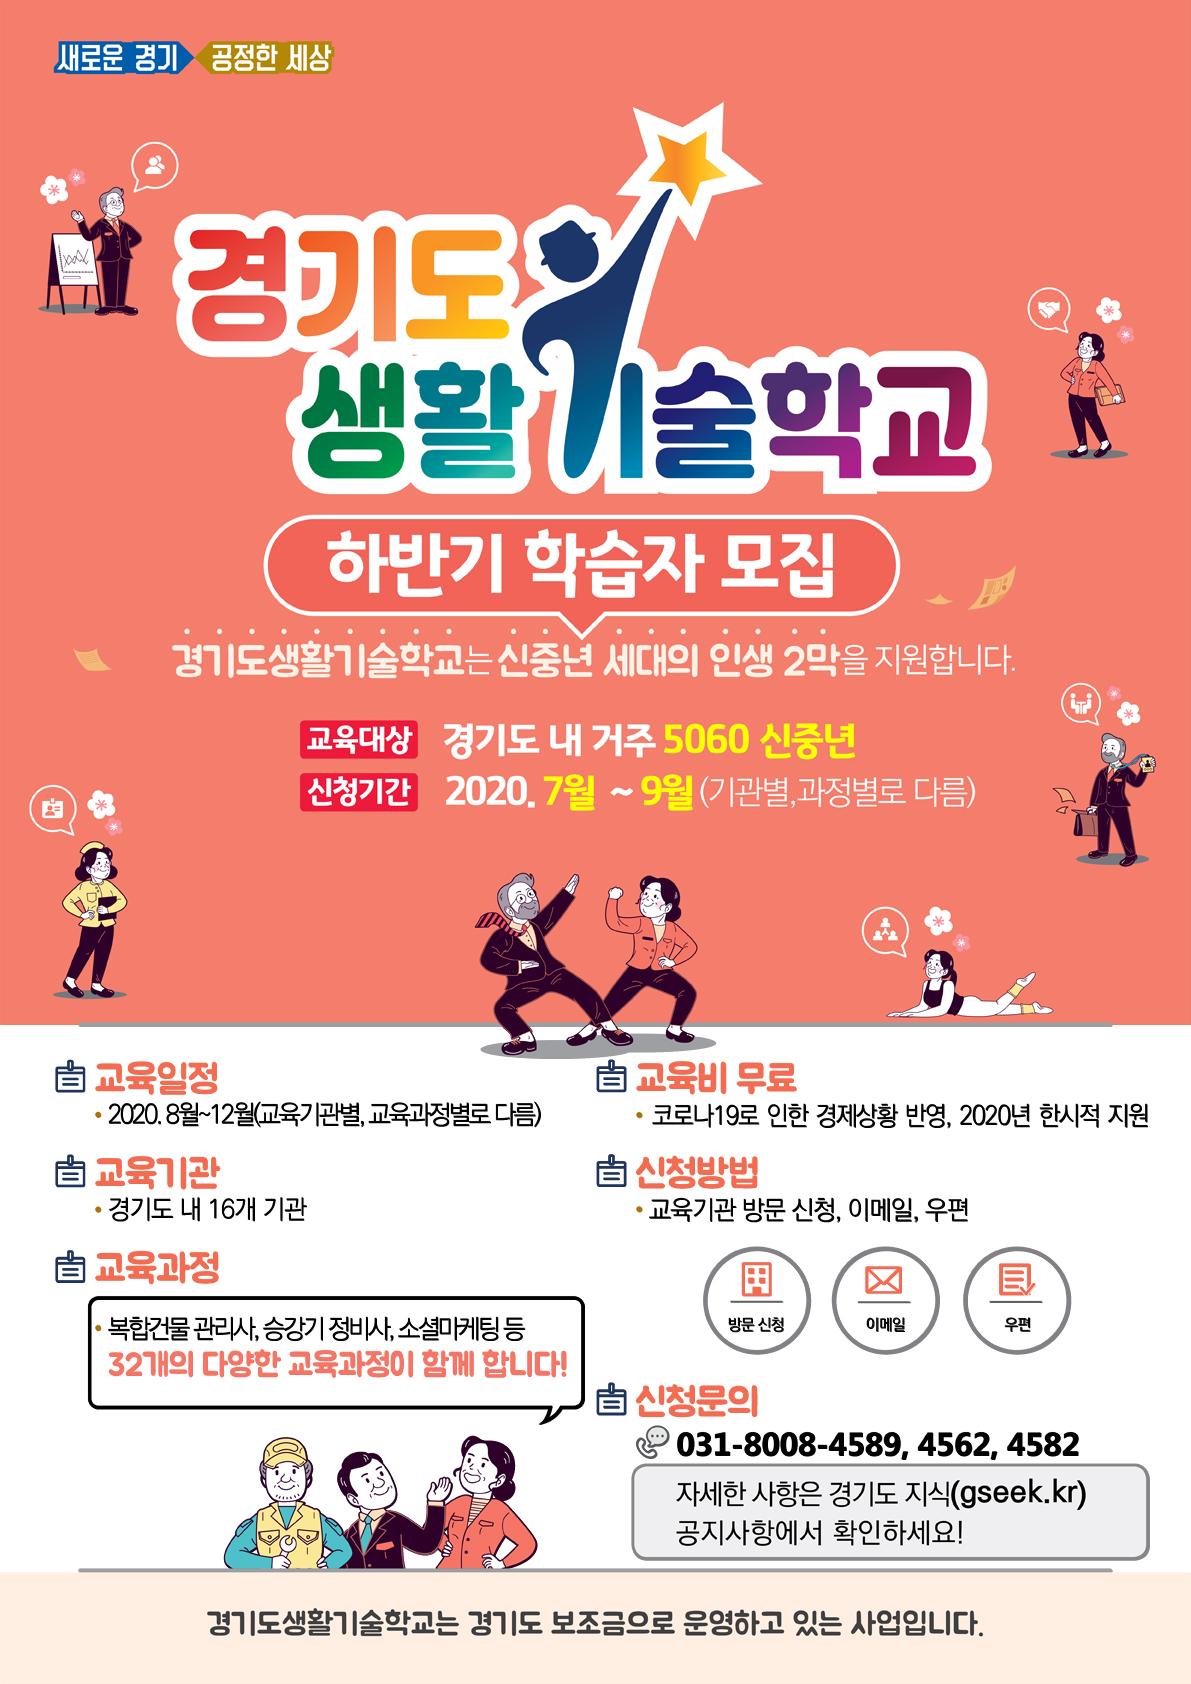 경기도 생활기술학교 하반기 학습자 모집 안내 포스터 상세 내용 하단 참조